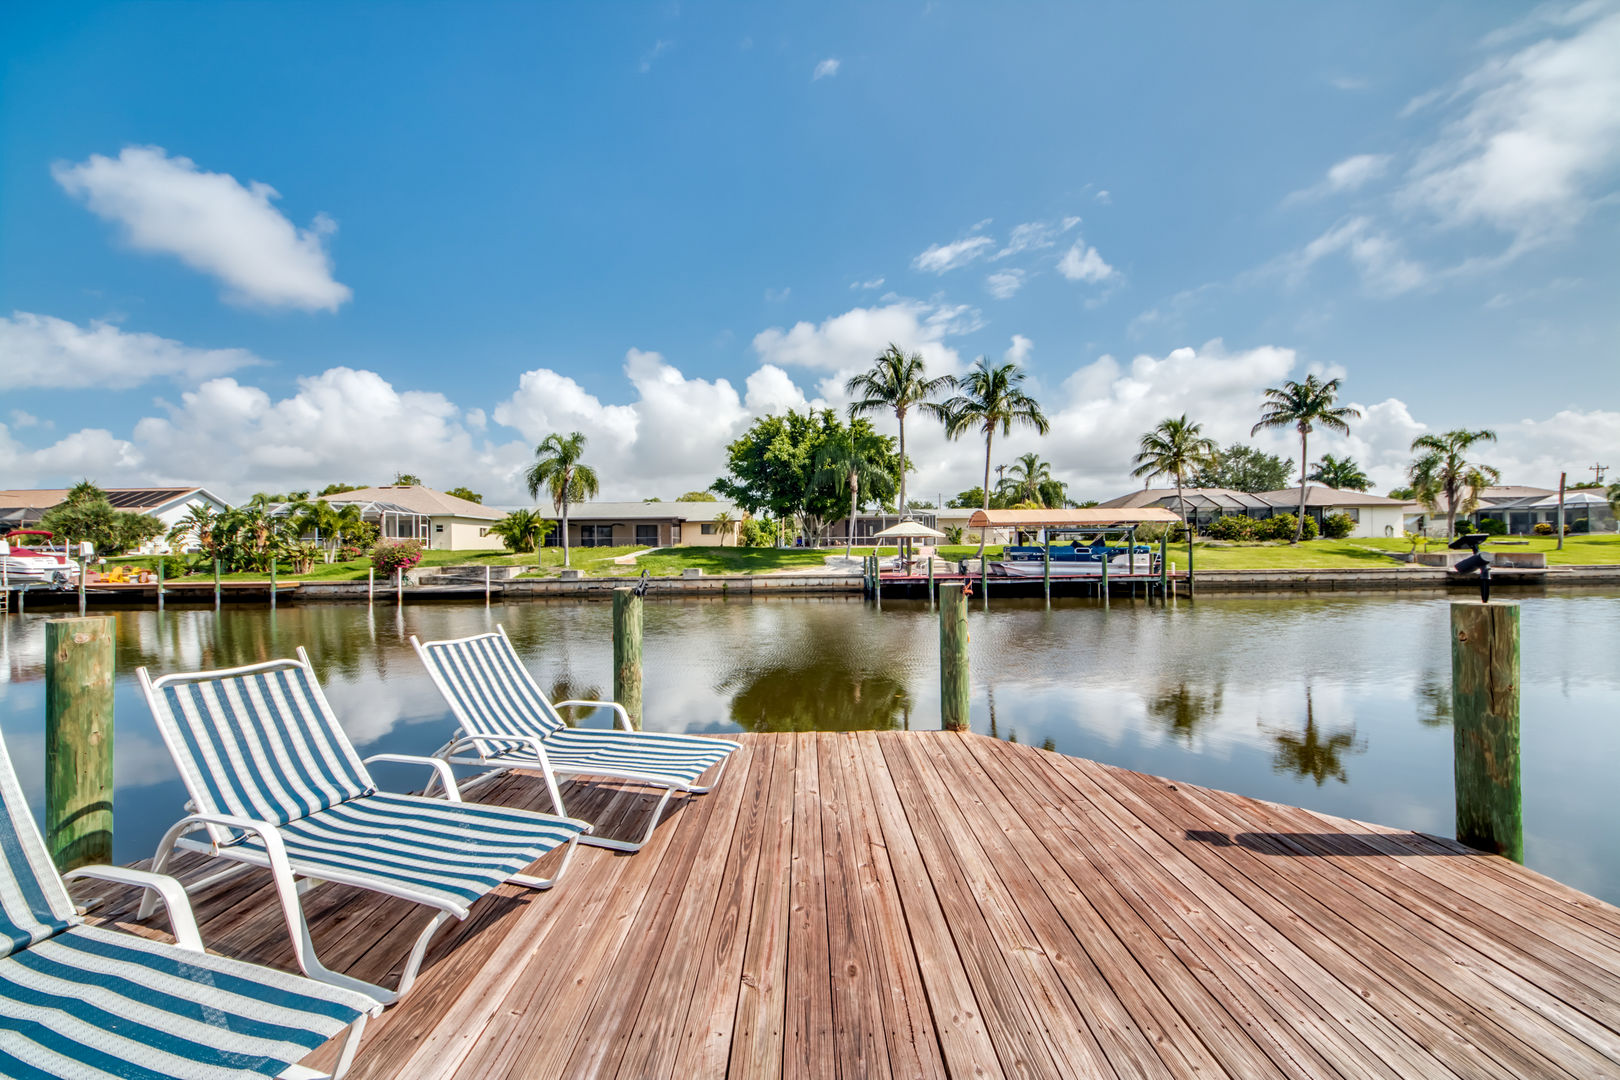 Roelens Vacation Rentals Villa Madeira In Florida